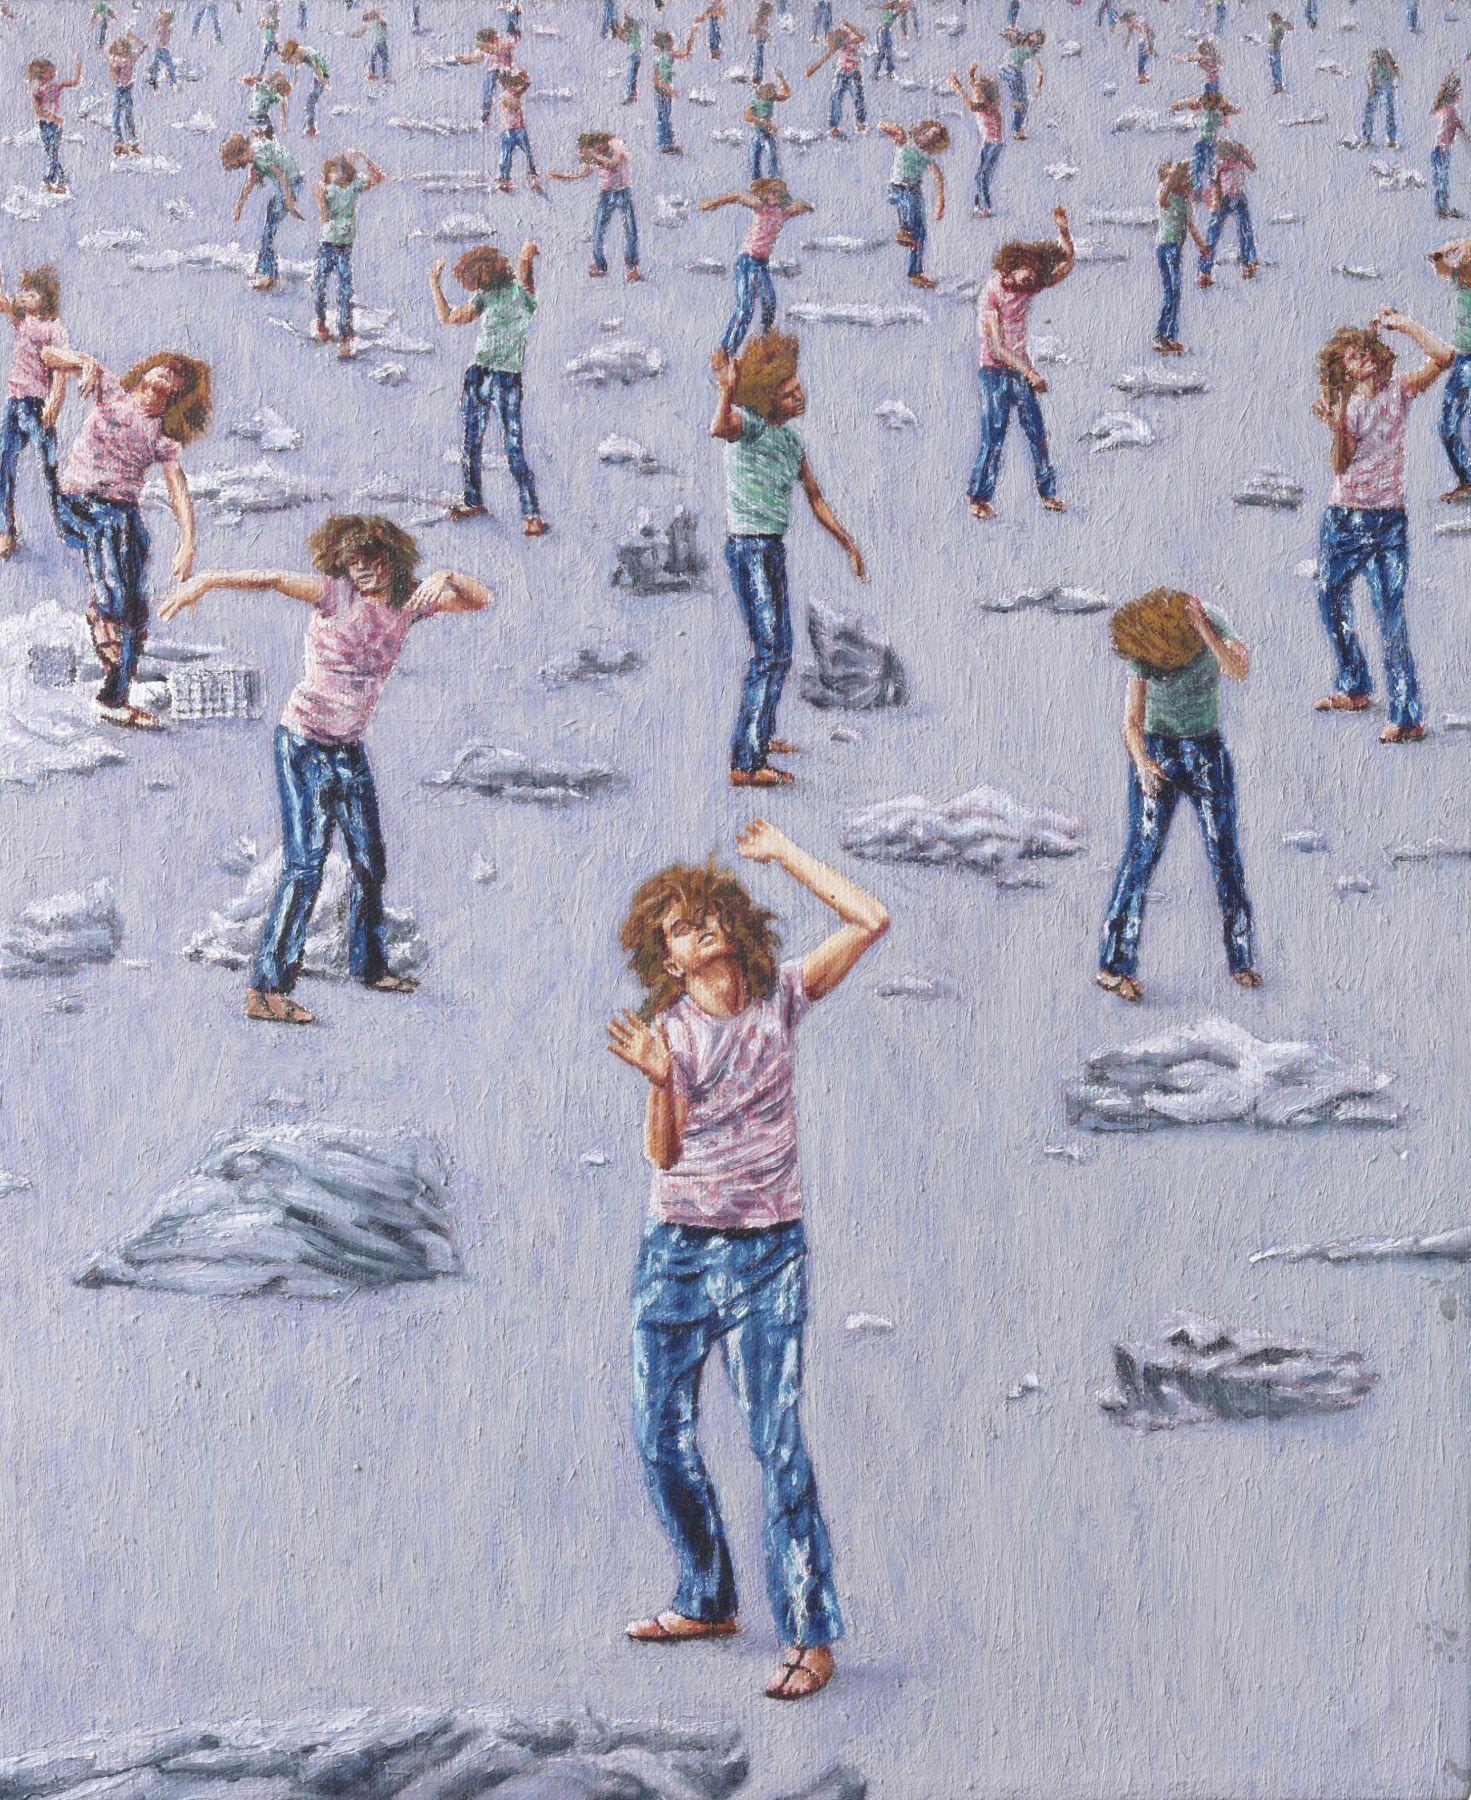 Elysian Fields (Utopian Landscape III), 1987 Acrylic on canvas43.2 x 35.6 cm